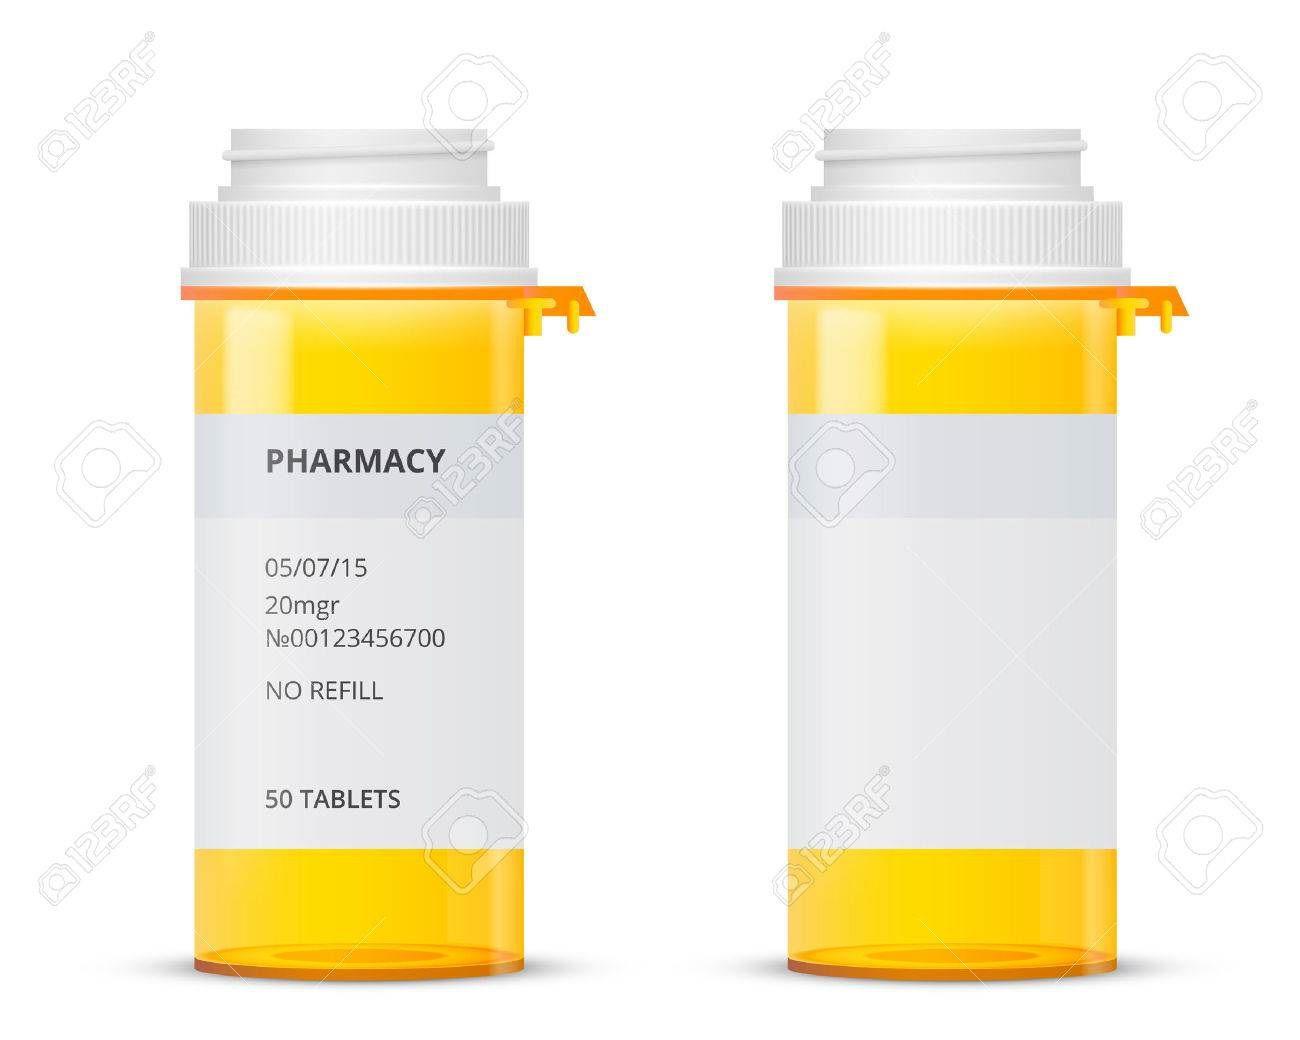 002 Best Pill Bottle Label Template Image  Vintage Medicine Printable FreeFull